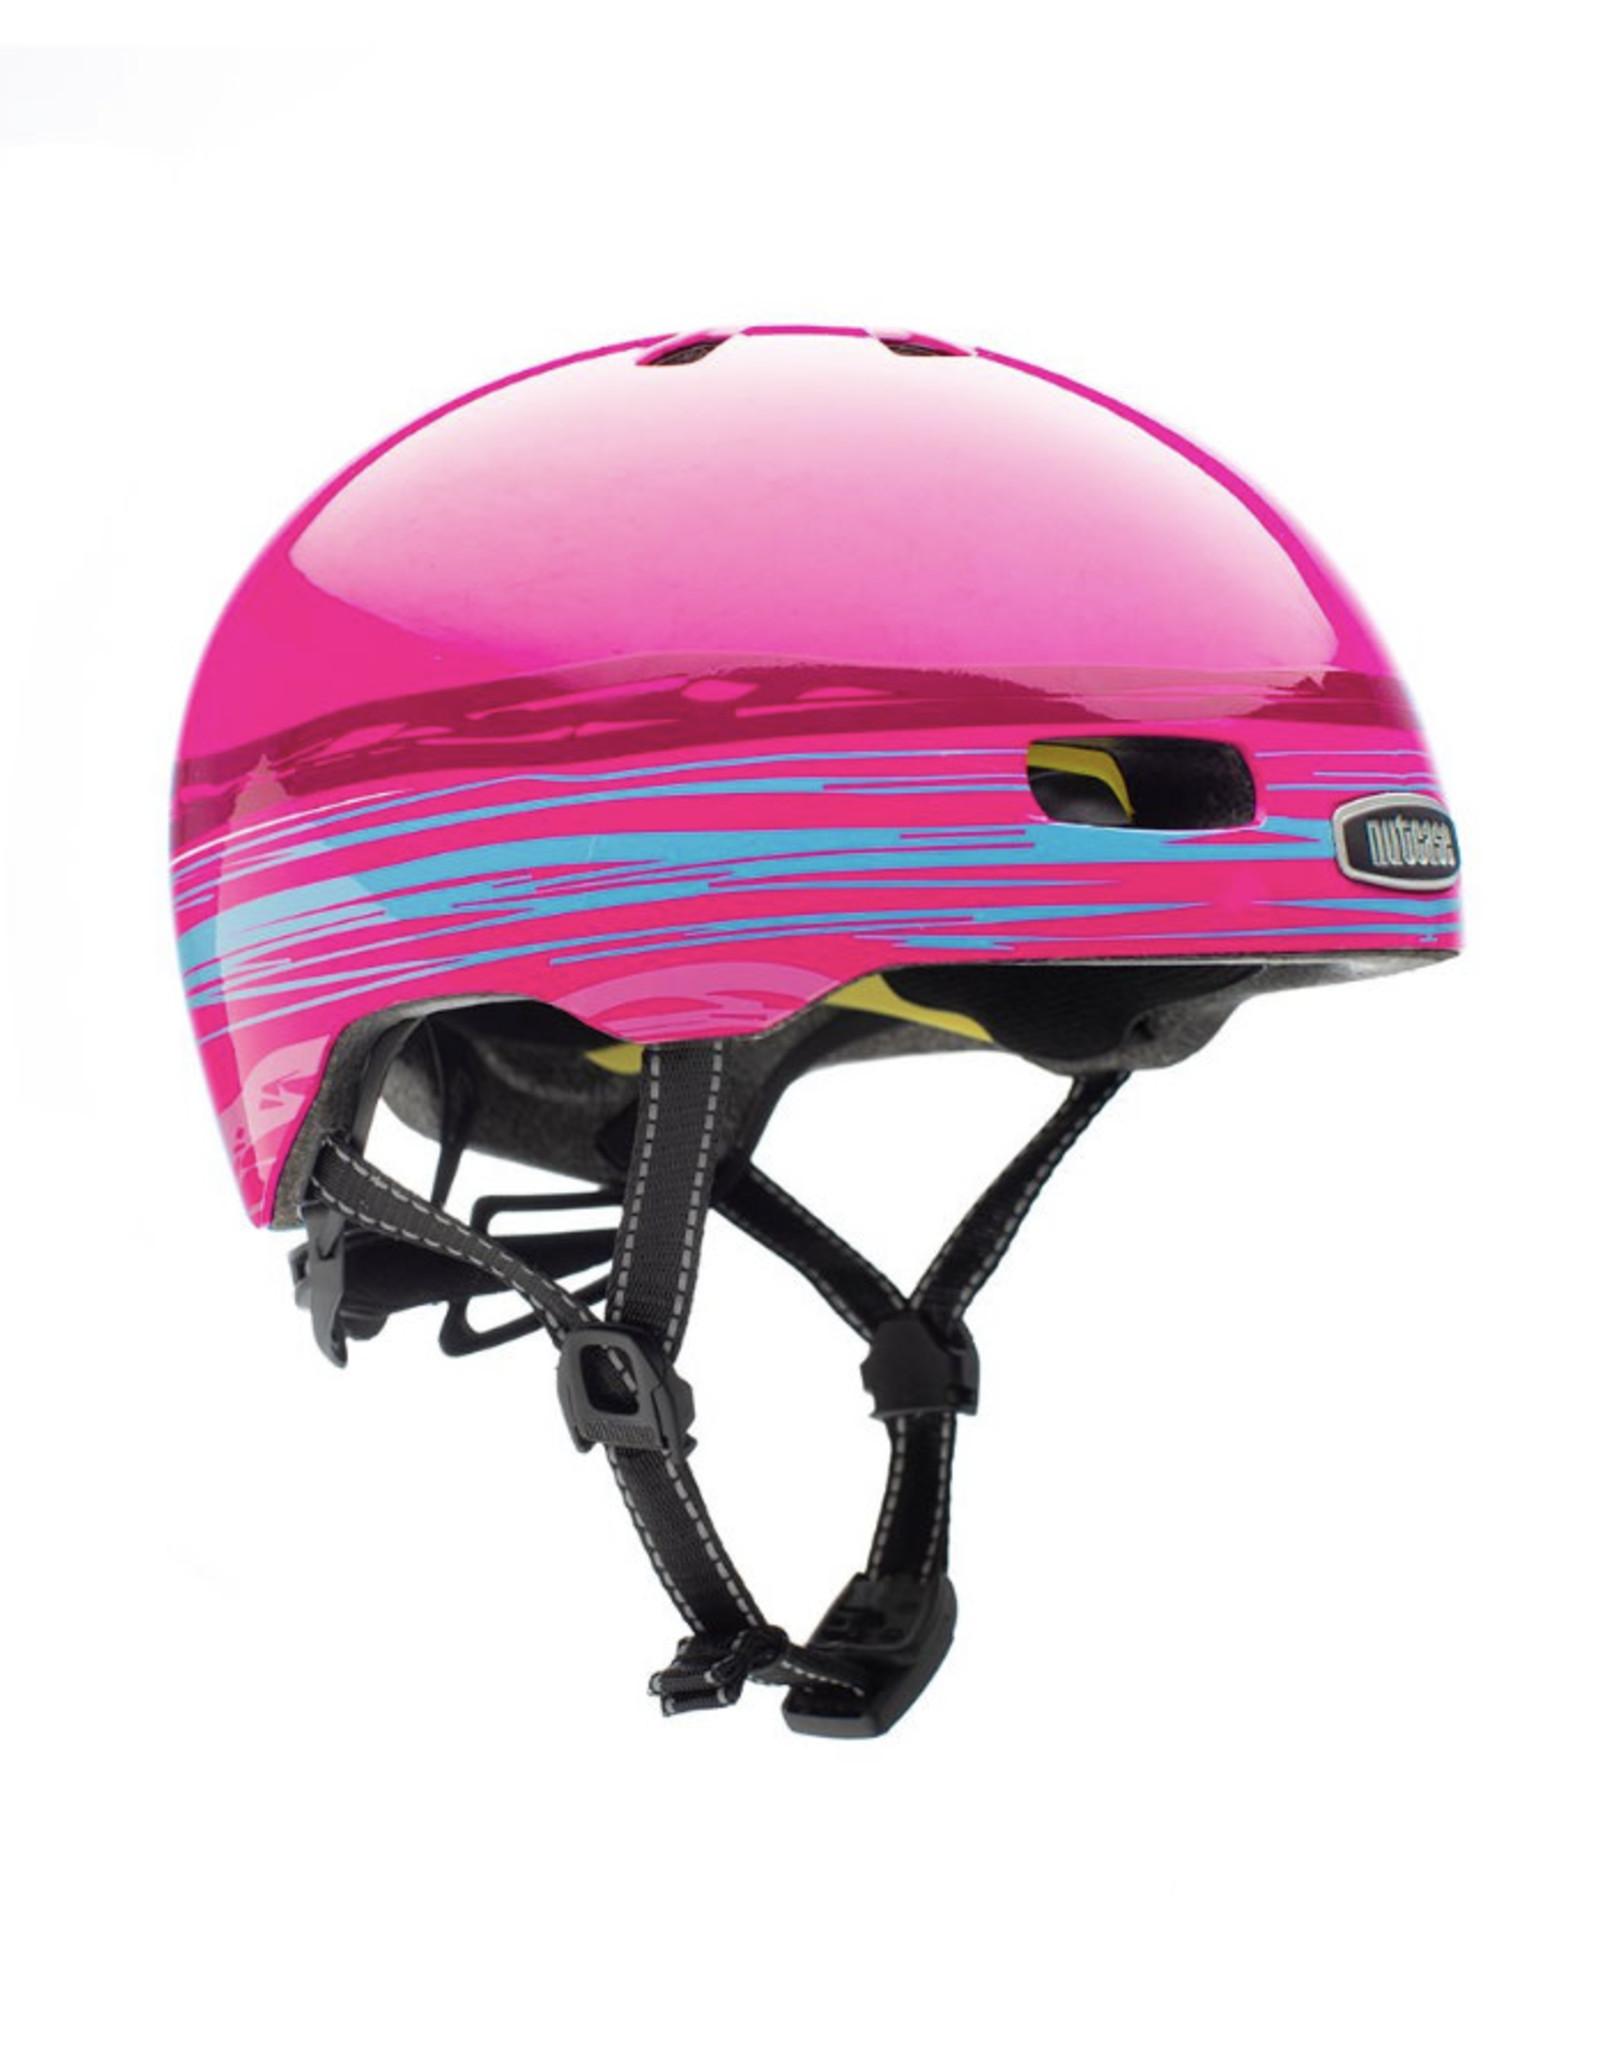 Nutcase Nutcase Offshore MIPS helmet S